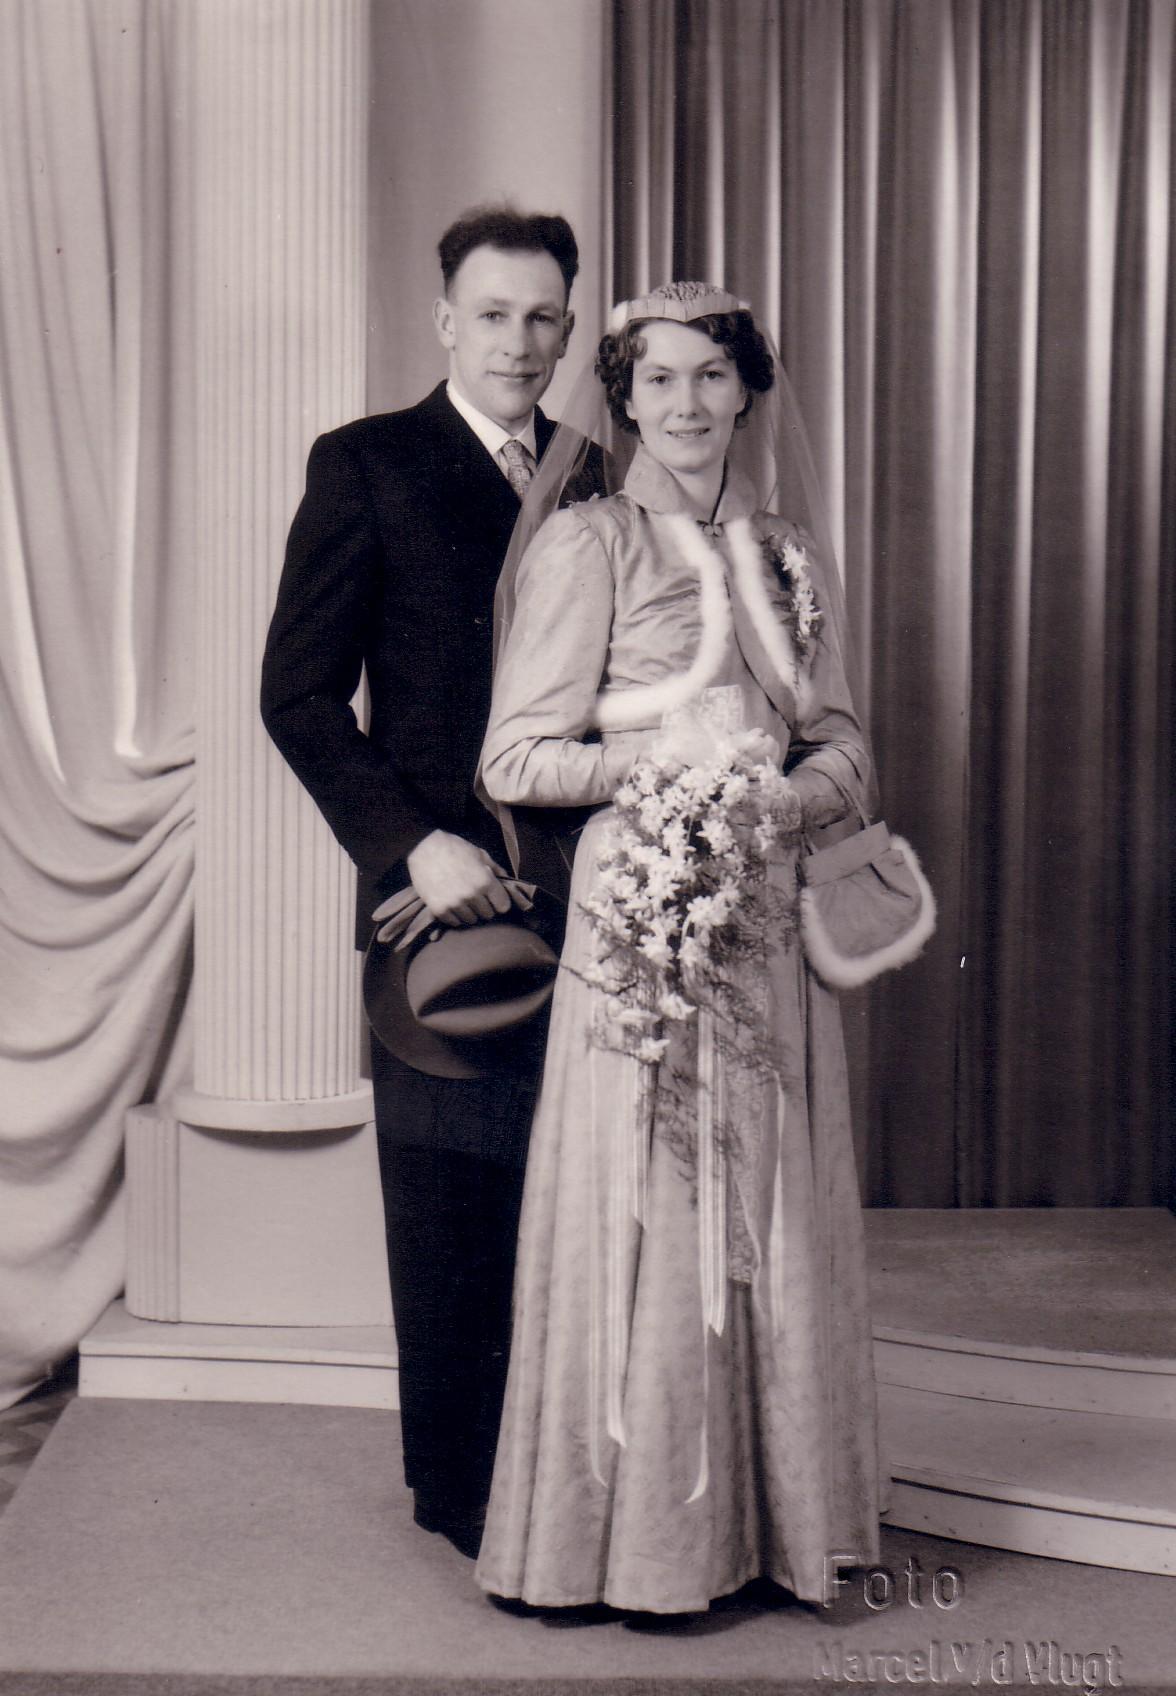 Huwelijk Hendrik van Eijmeren en Wilhelmina Stolze (1957)